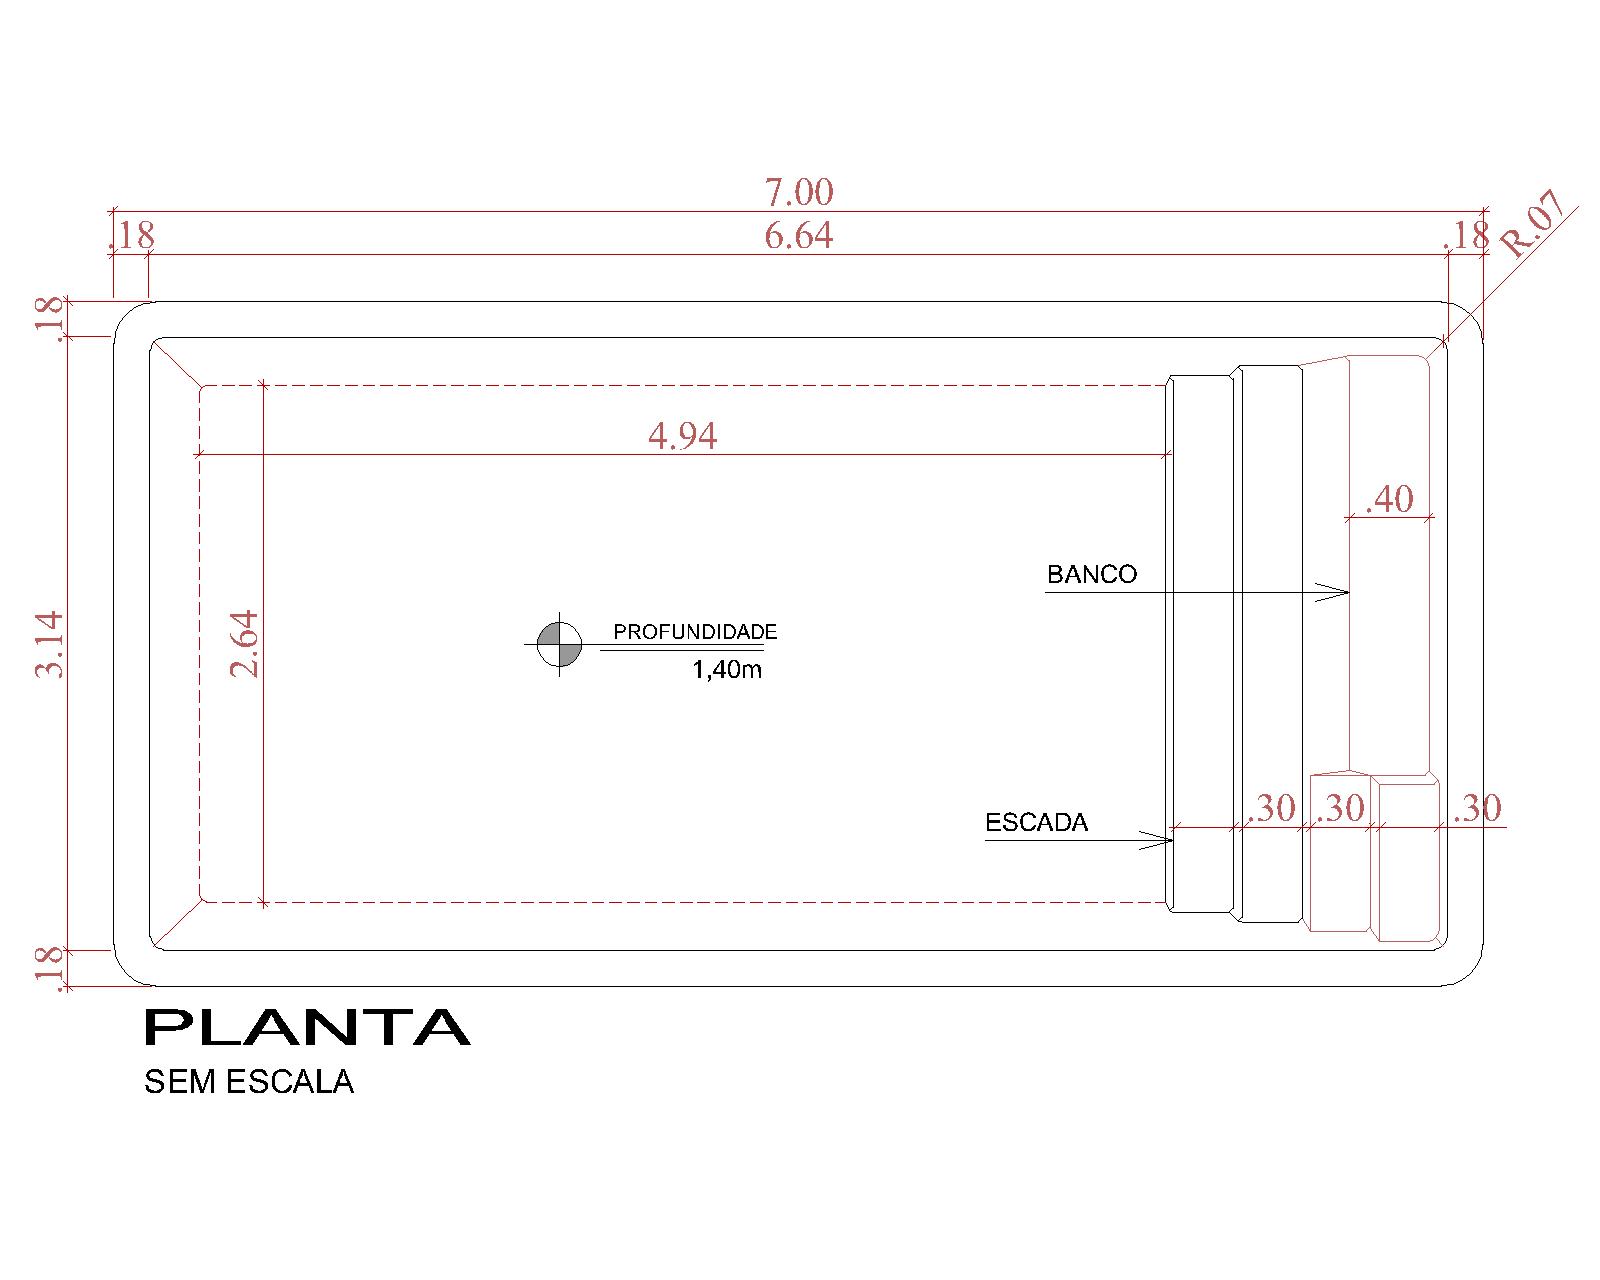 Desenho técnico Cozumel (sem escala)